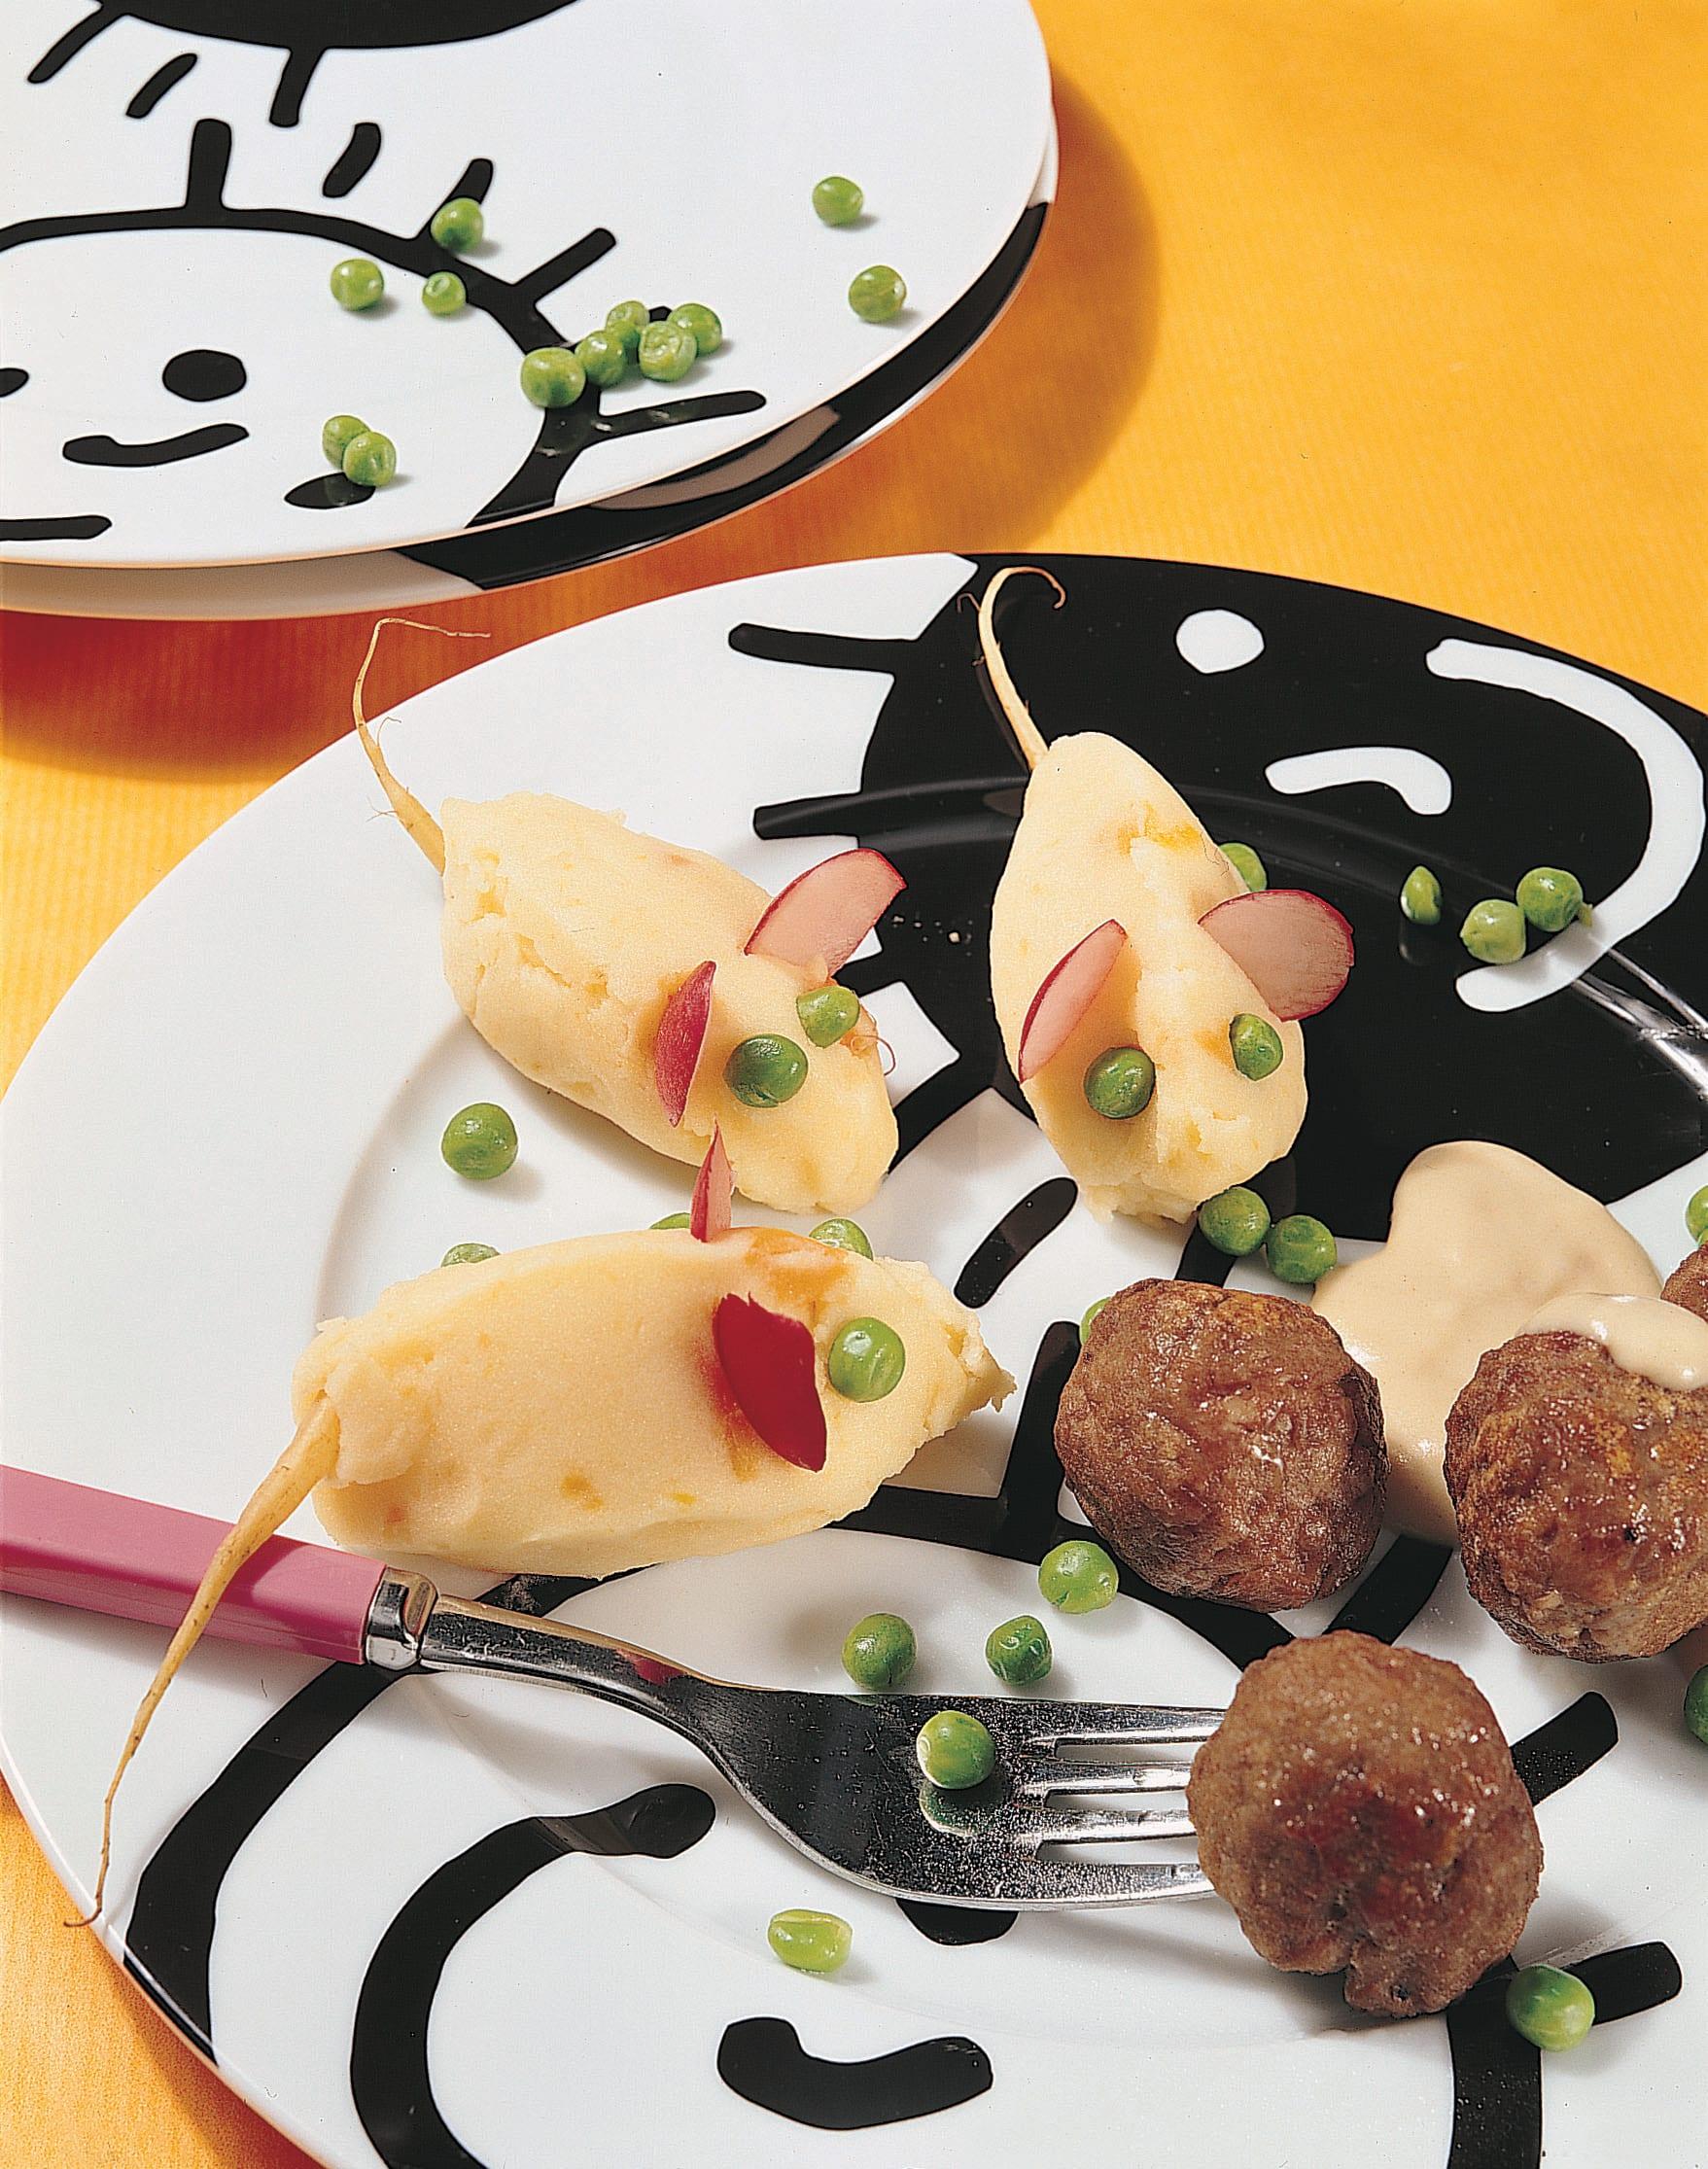 Hackfleischkugeln mit Kartoffelstock und Gemüse